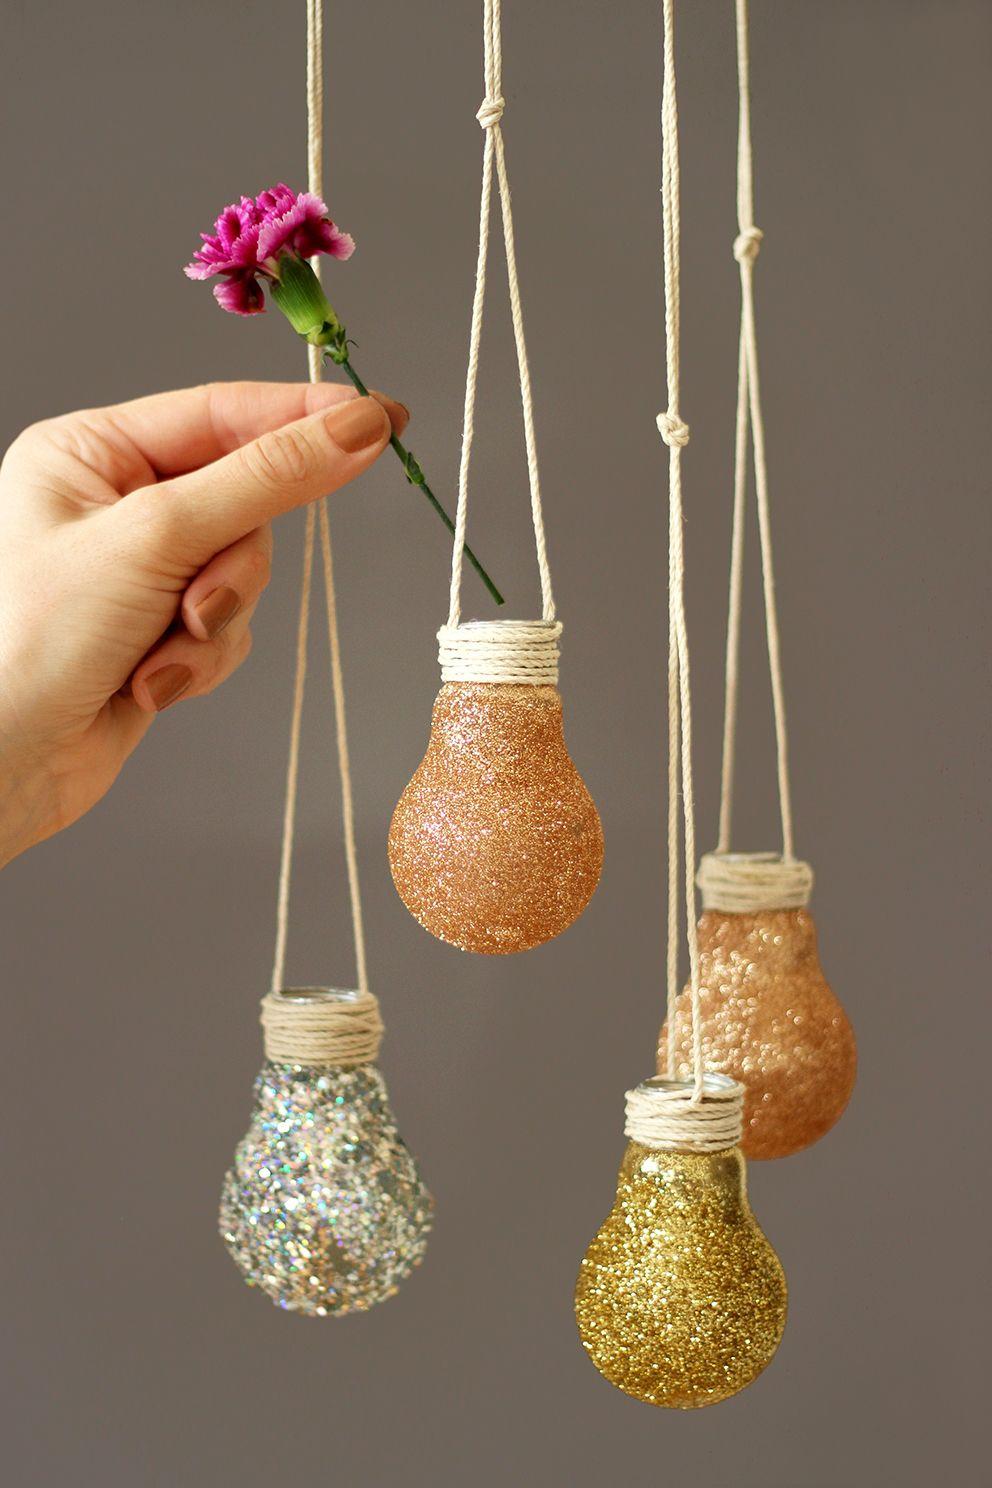 DIY ampoule suspendue pailletée … | Pinteres… for Painted Light Bulb Art  66pct